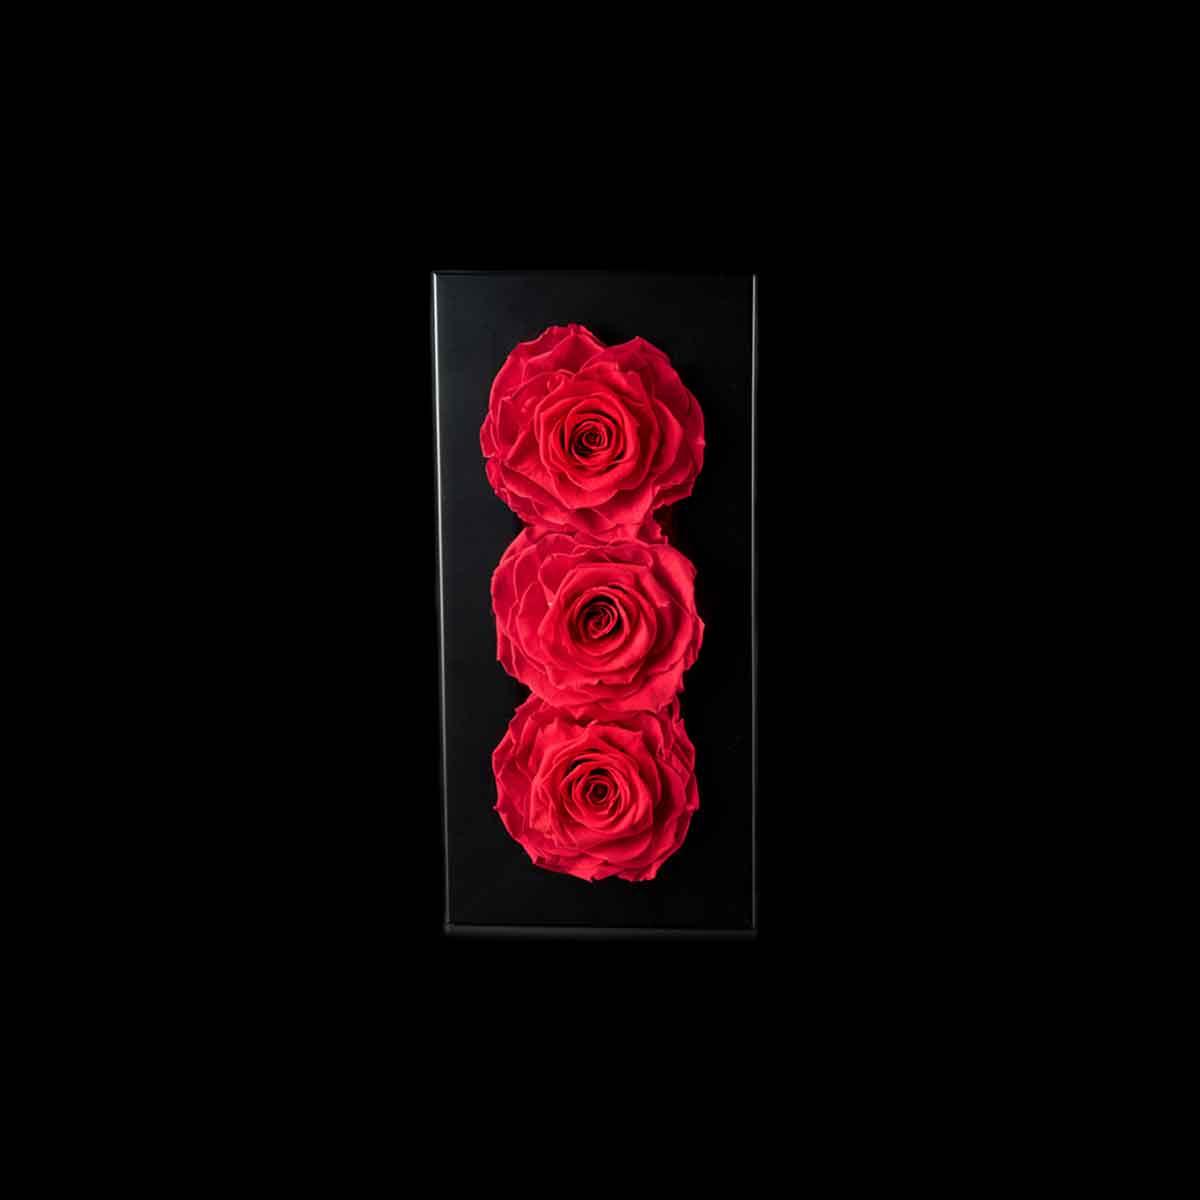 Ars Nova – Quadro 3 rose Gran Prix